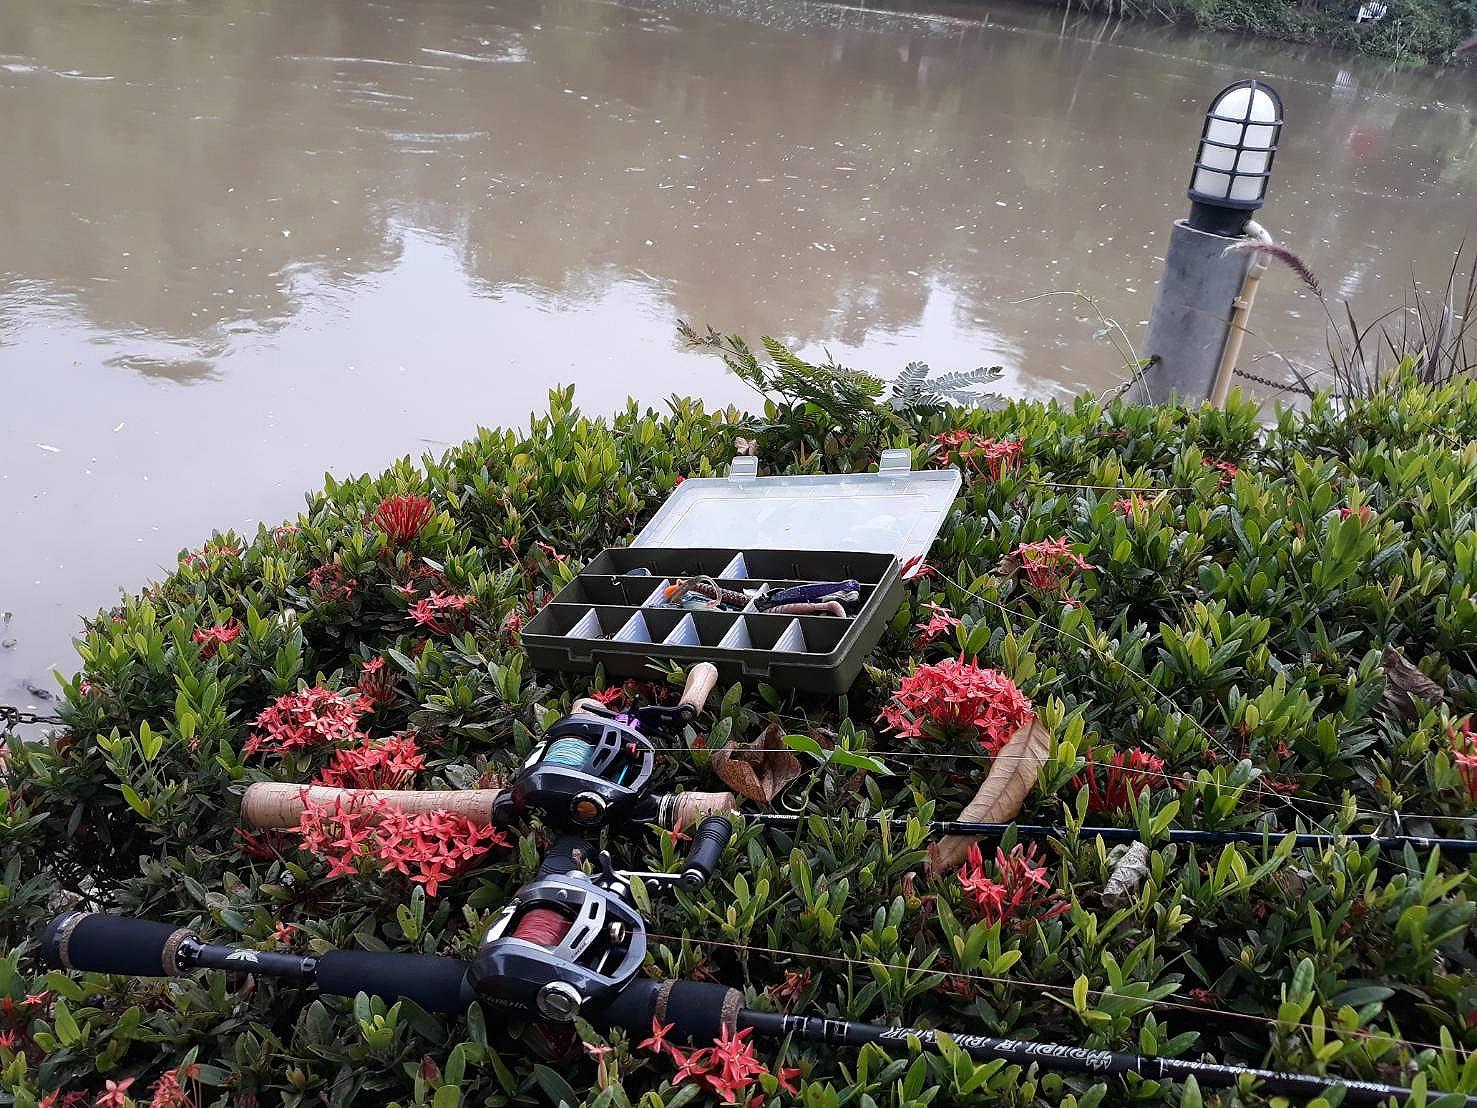 พักกายพักสมองพักใจ ที่สุพรรณ...แม่น้ำท่าจีน